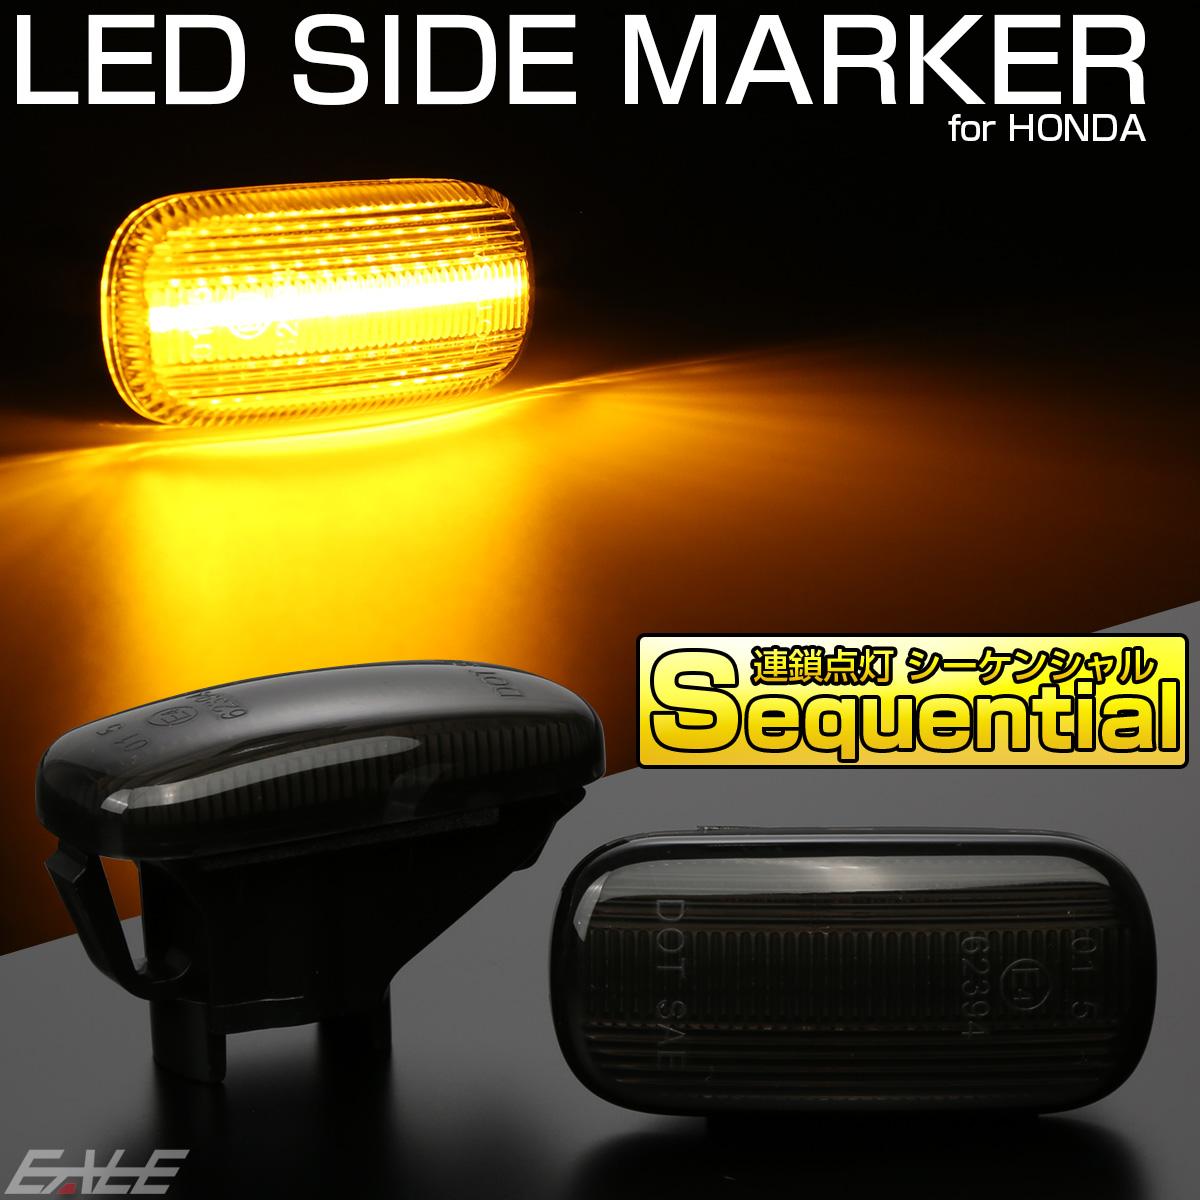 ホンダ用 LED サイドマーカー シーケンシャル ウインカー スモーク CR-V RD N-BOX N-VAN S660 JW5 インテグラ DC5 F-526